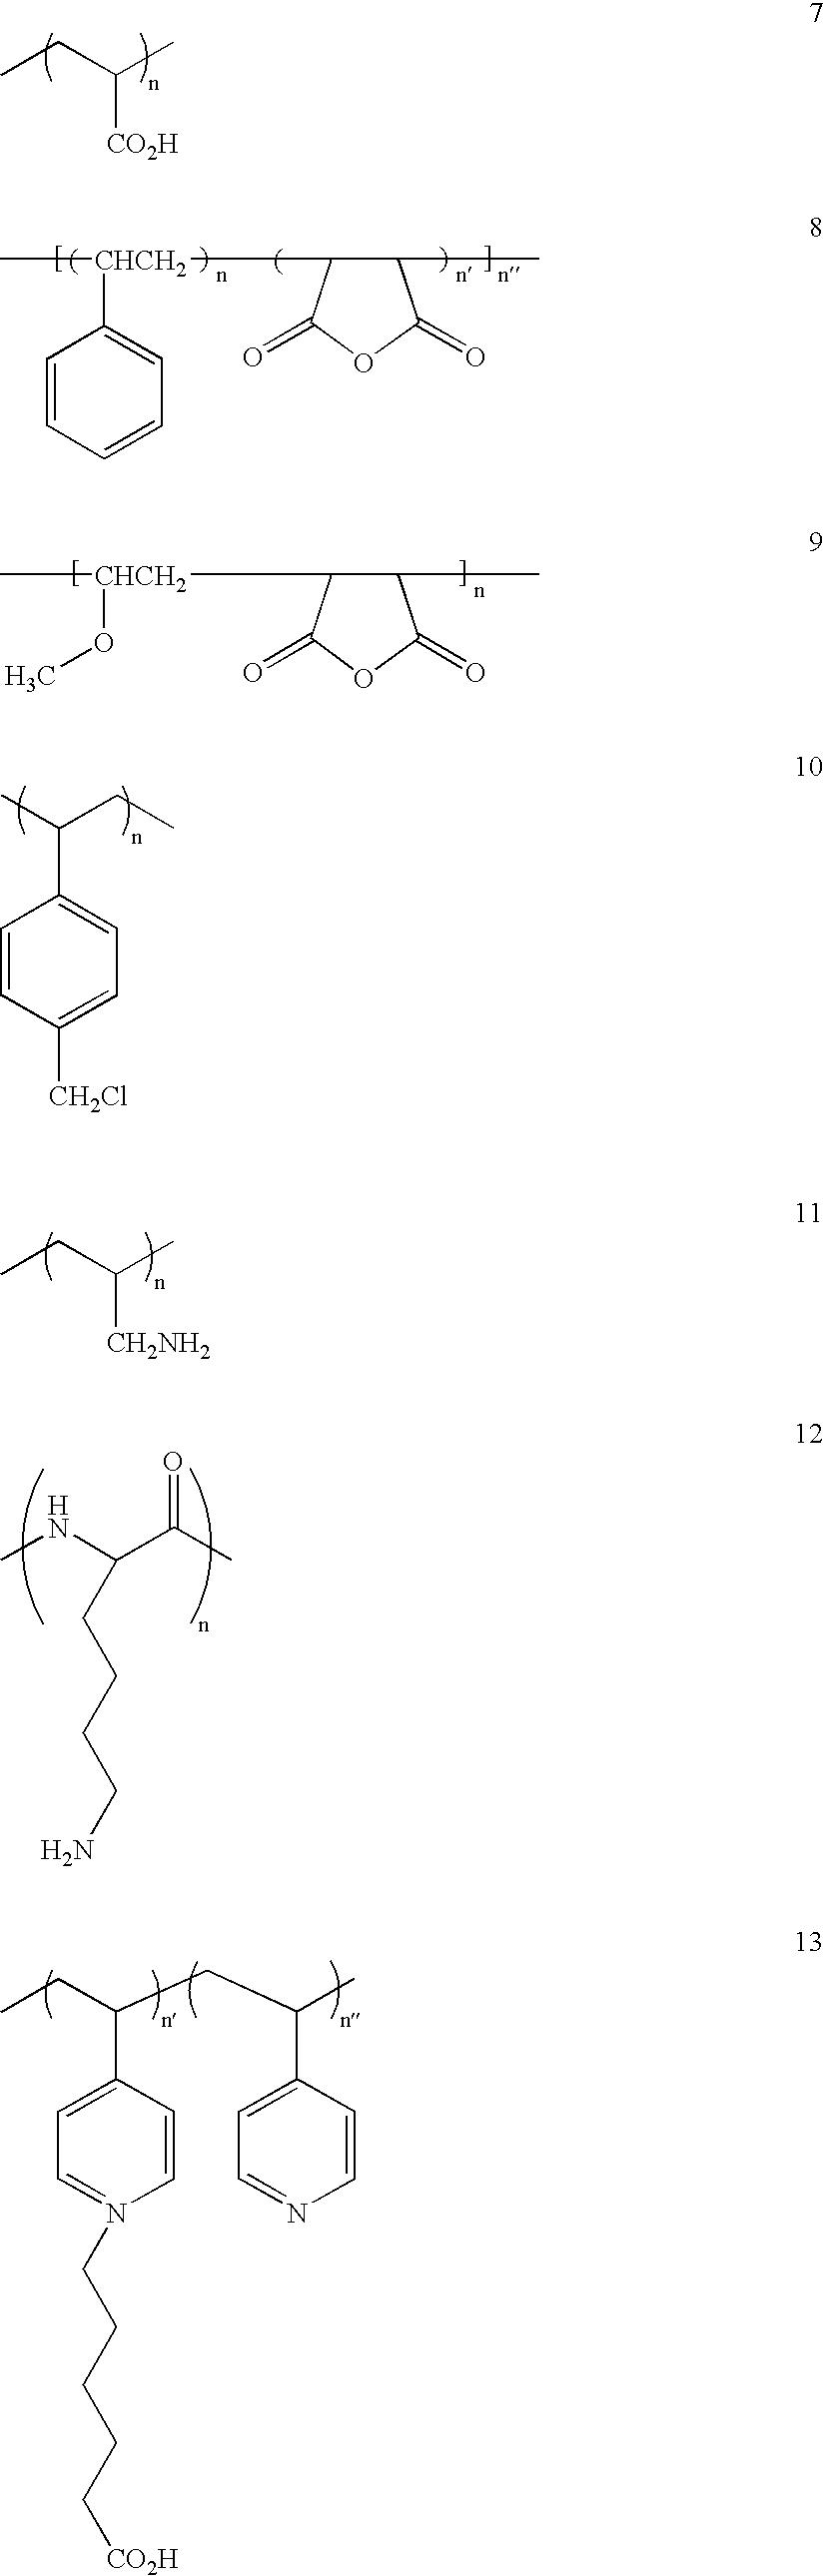 Figure US06676816-20040113-C00009